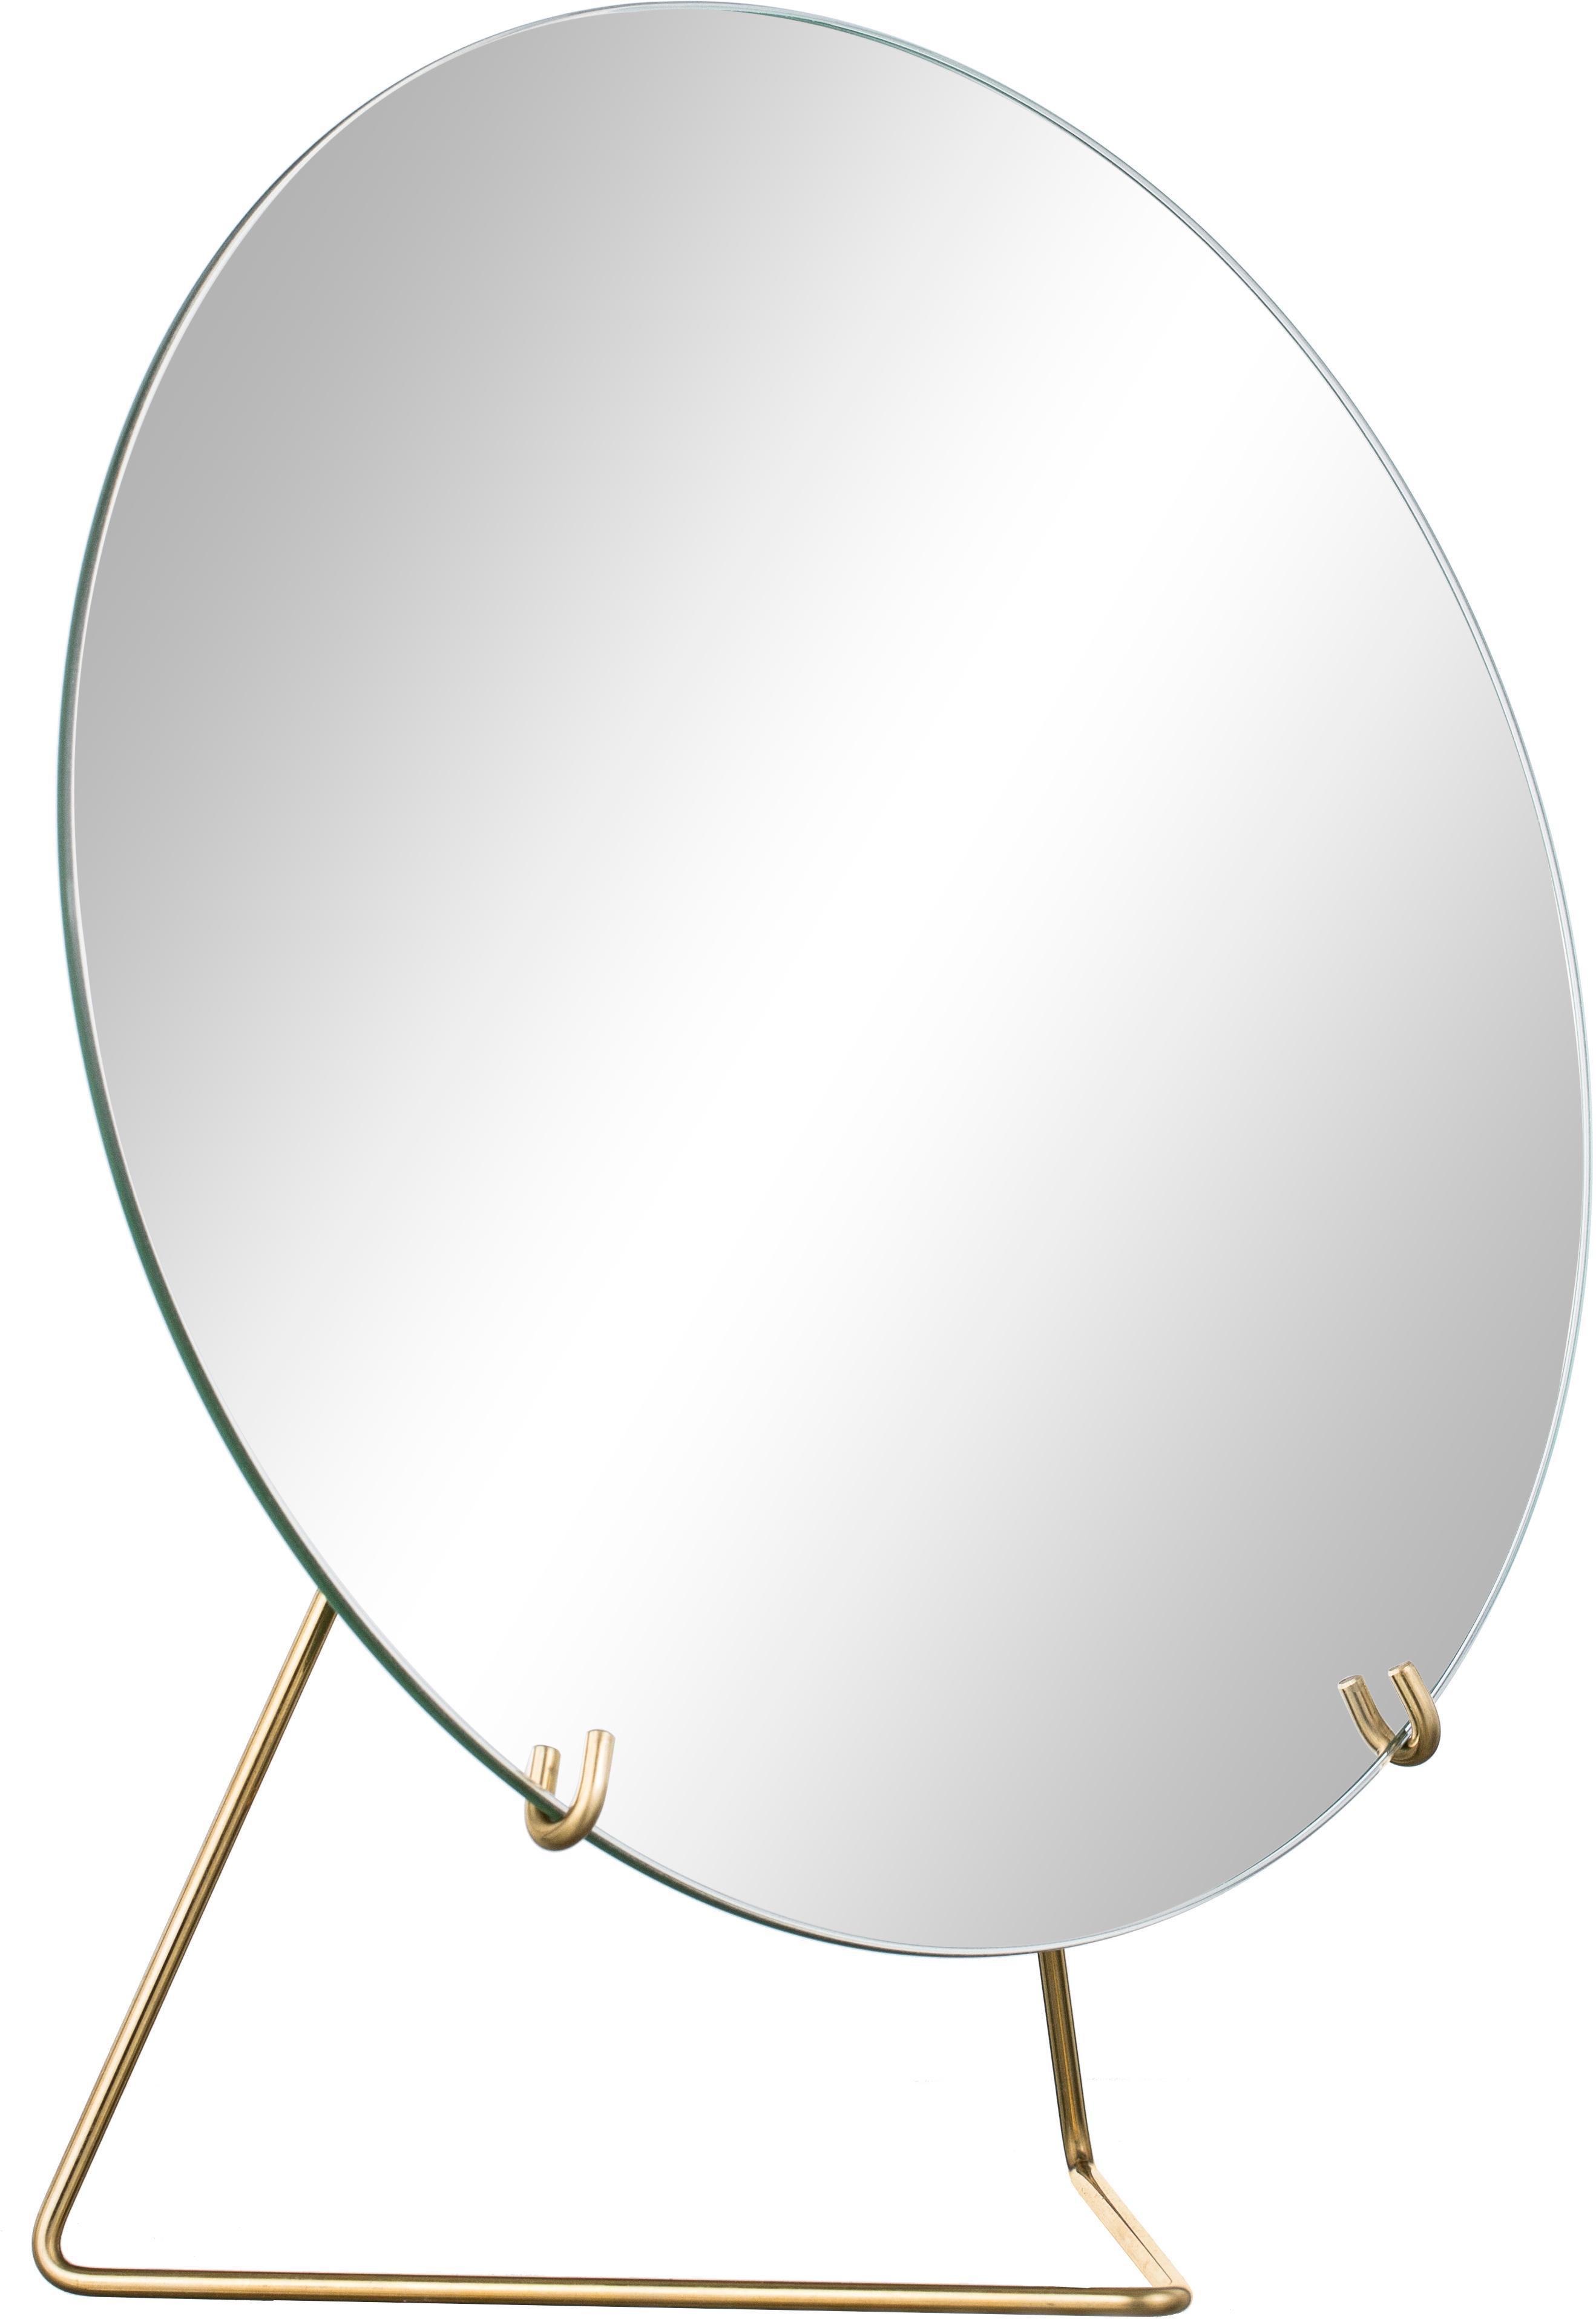 Kosmetikspiegel Standing Mirror, Aufhängung: Messing<br>Spiegel: Spiegelglas, 20 x 23 cm